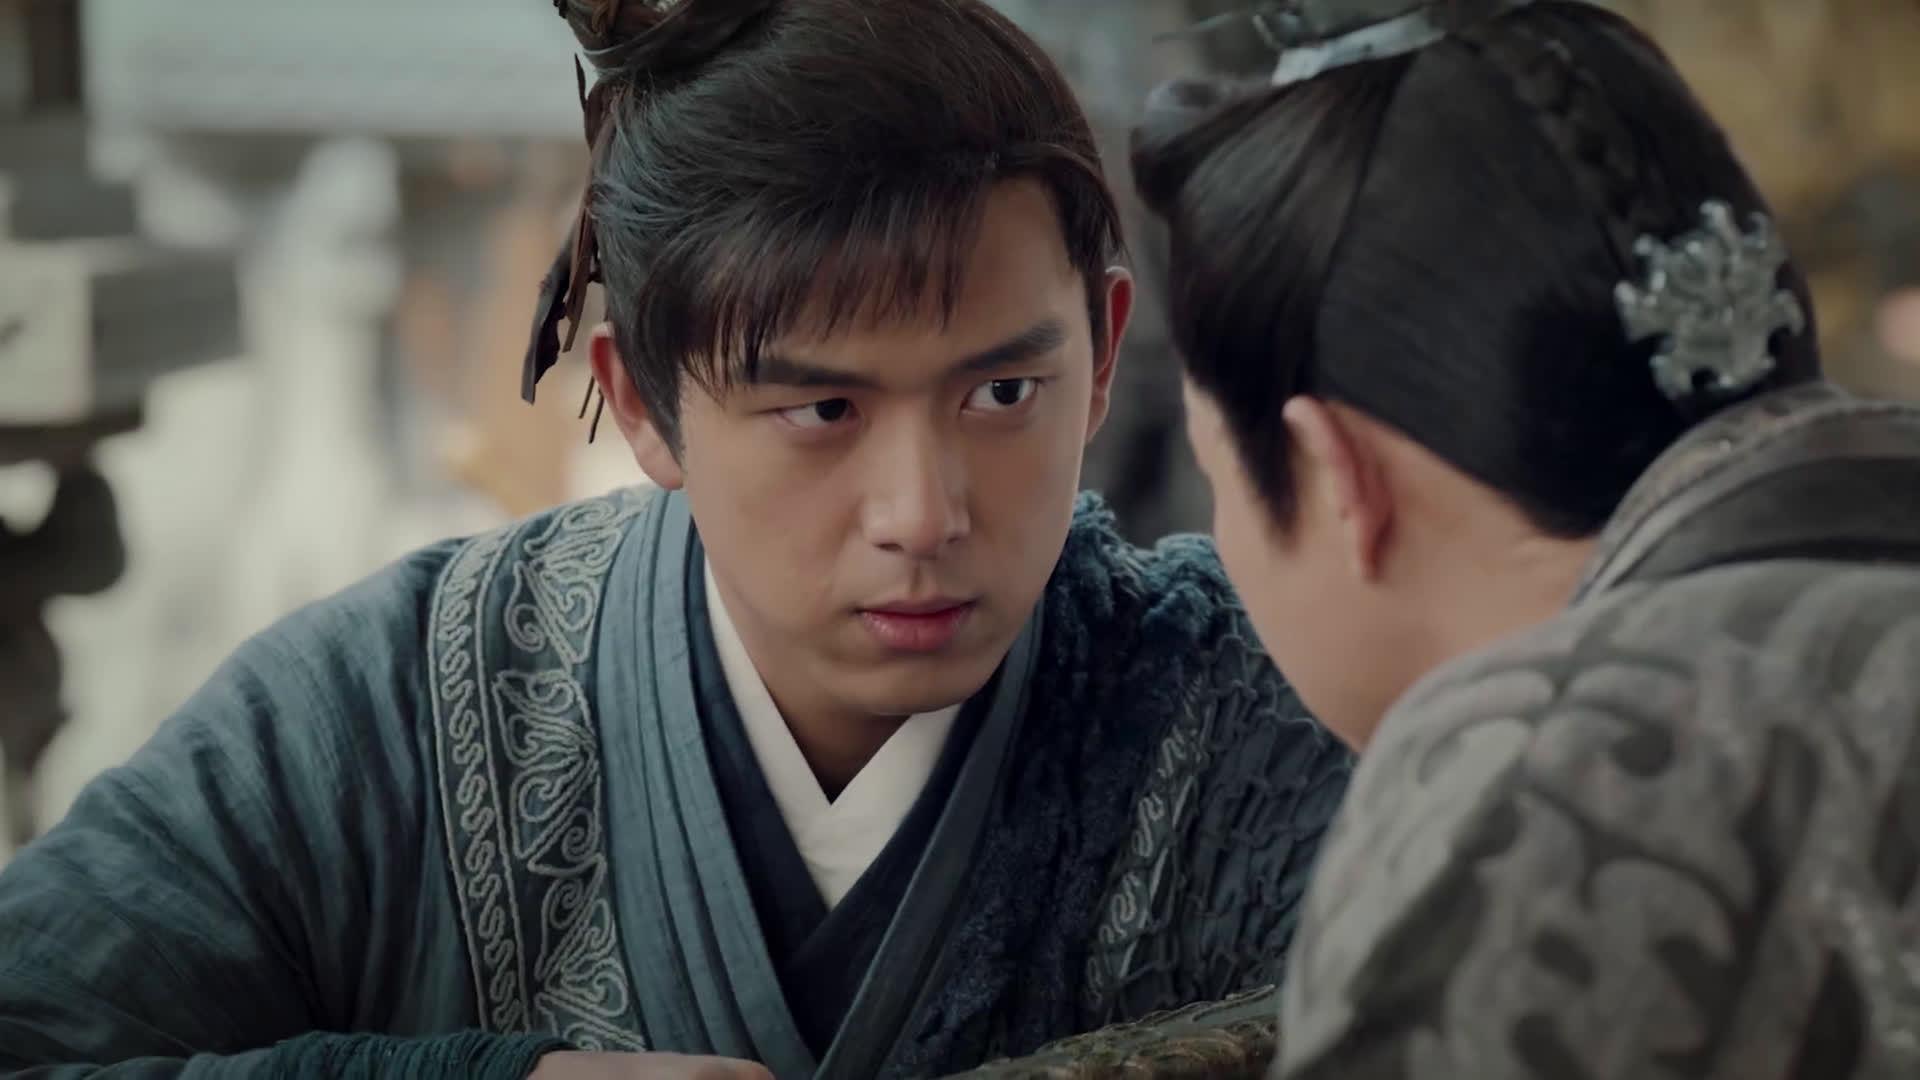 李现 刘奕君《剑王朝》丁宁的身份让蘅王起疑,为了试探